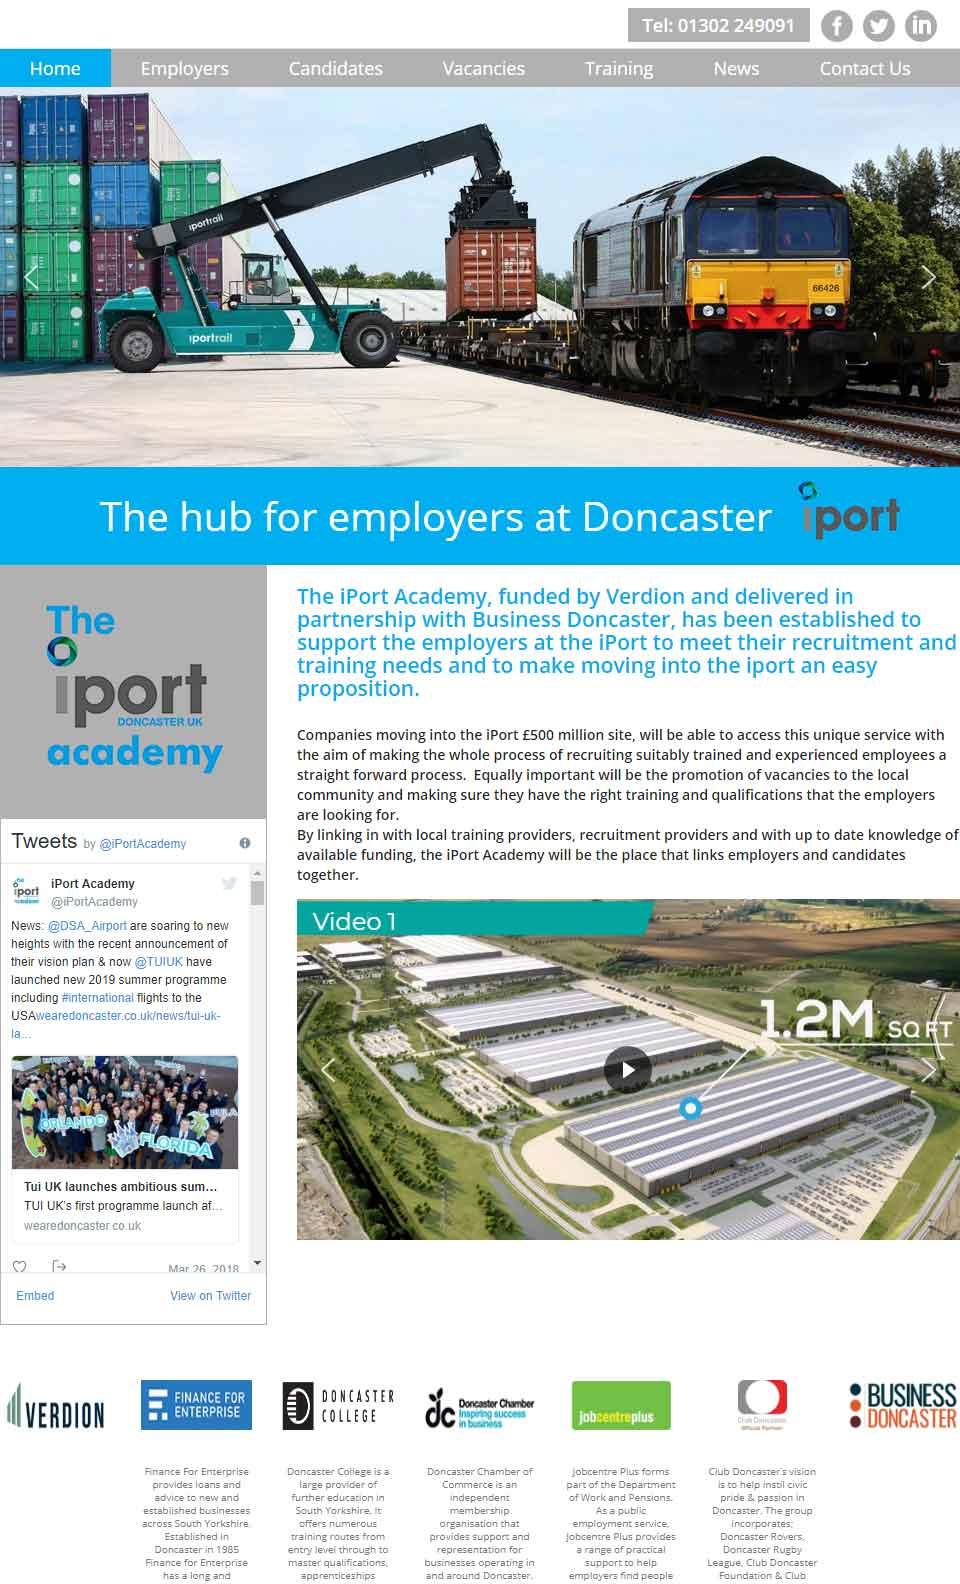 Iport Academy UK